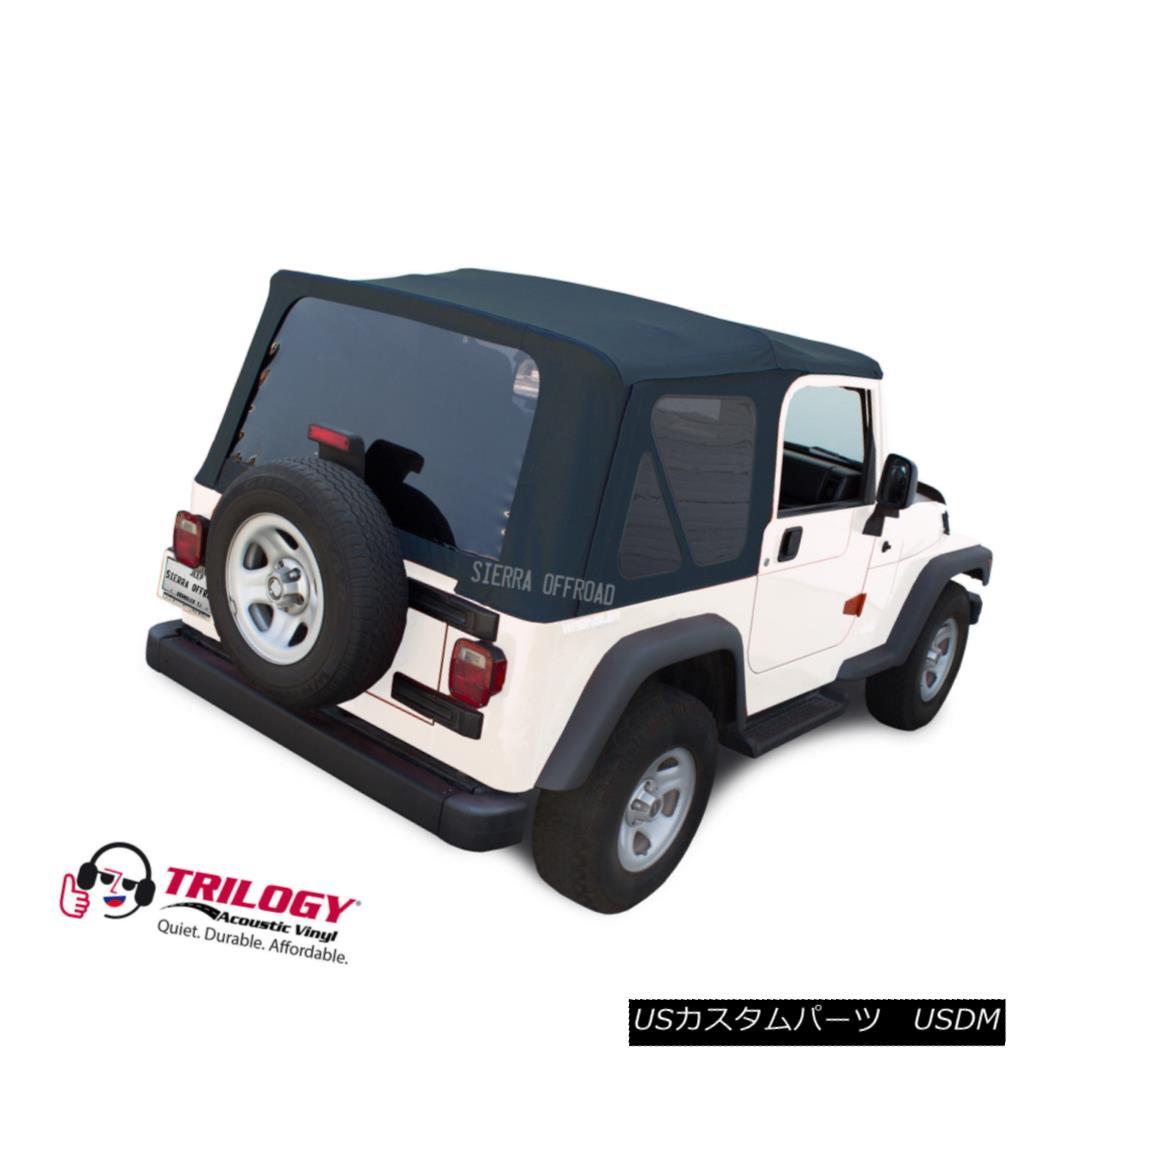 幌・ソフトトップ Jeep Wrangler TJ Soft Top (2003-2006) Tinted Windows, Blue Twill Vinyl ジープラングラーTJソフトトップ(2003年?2006年)は、Windows、ブルーツイルビニール